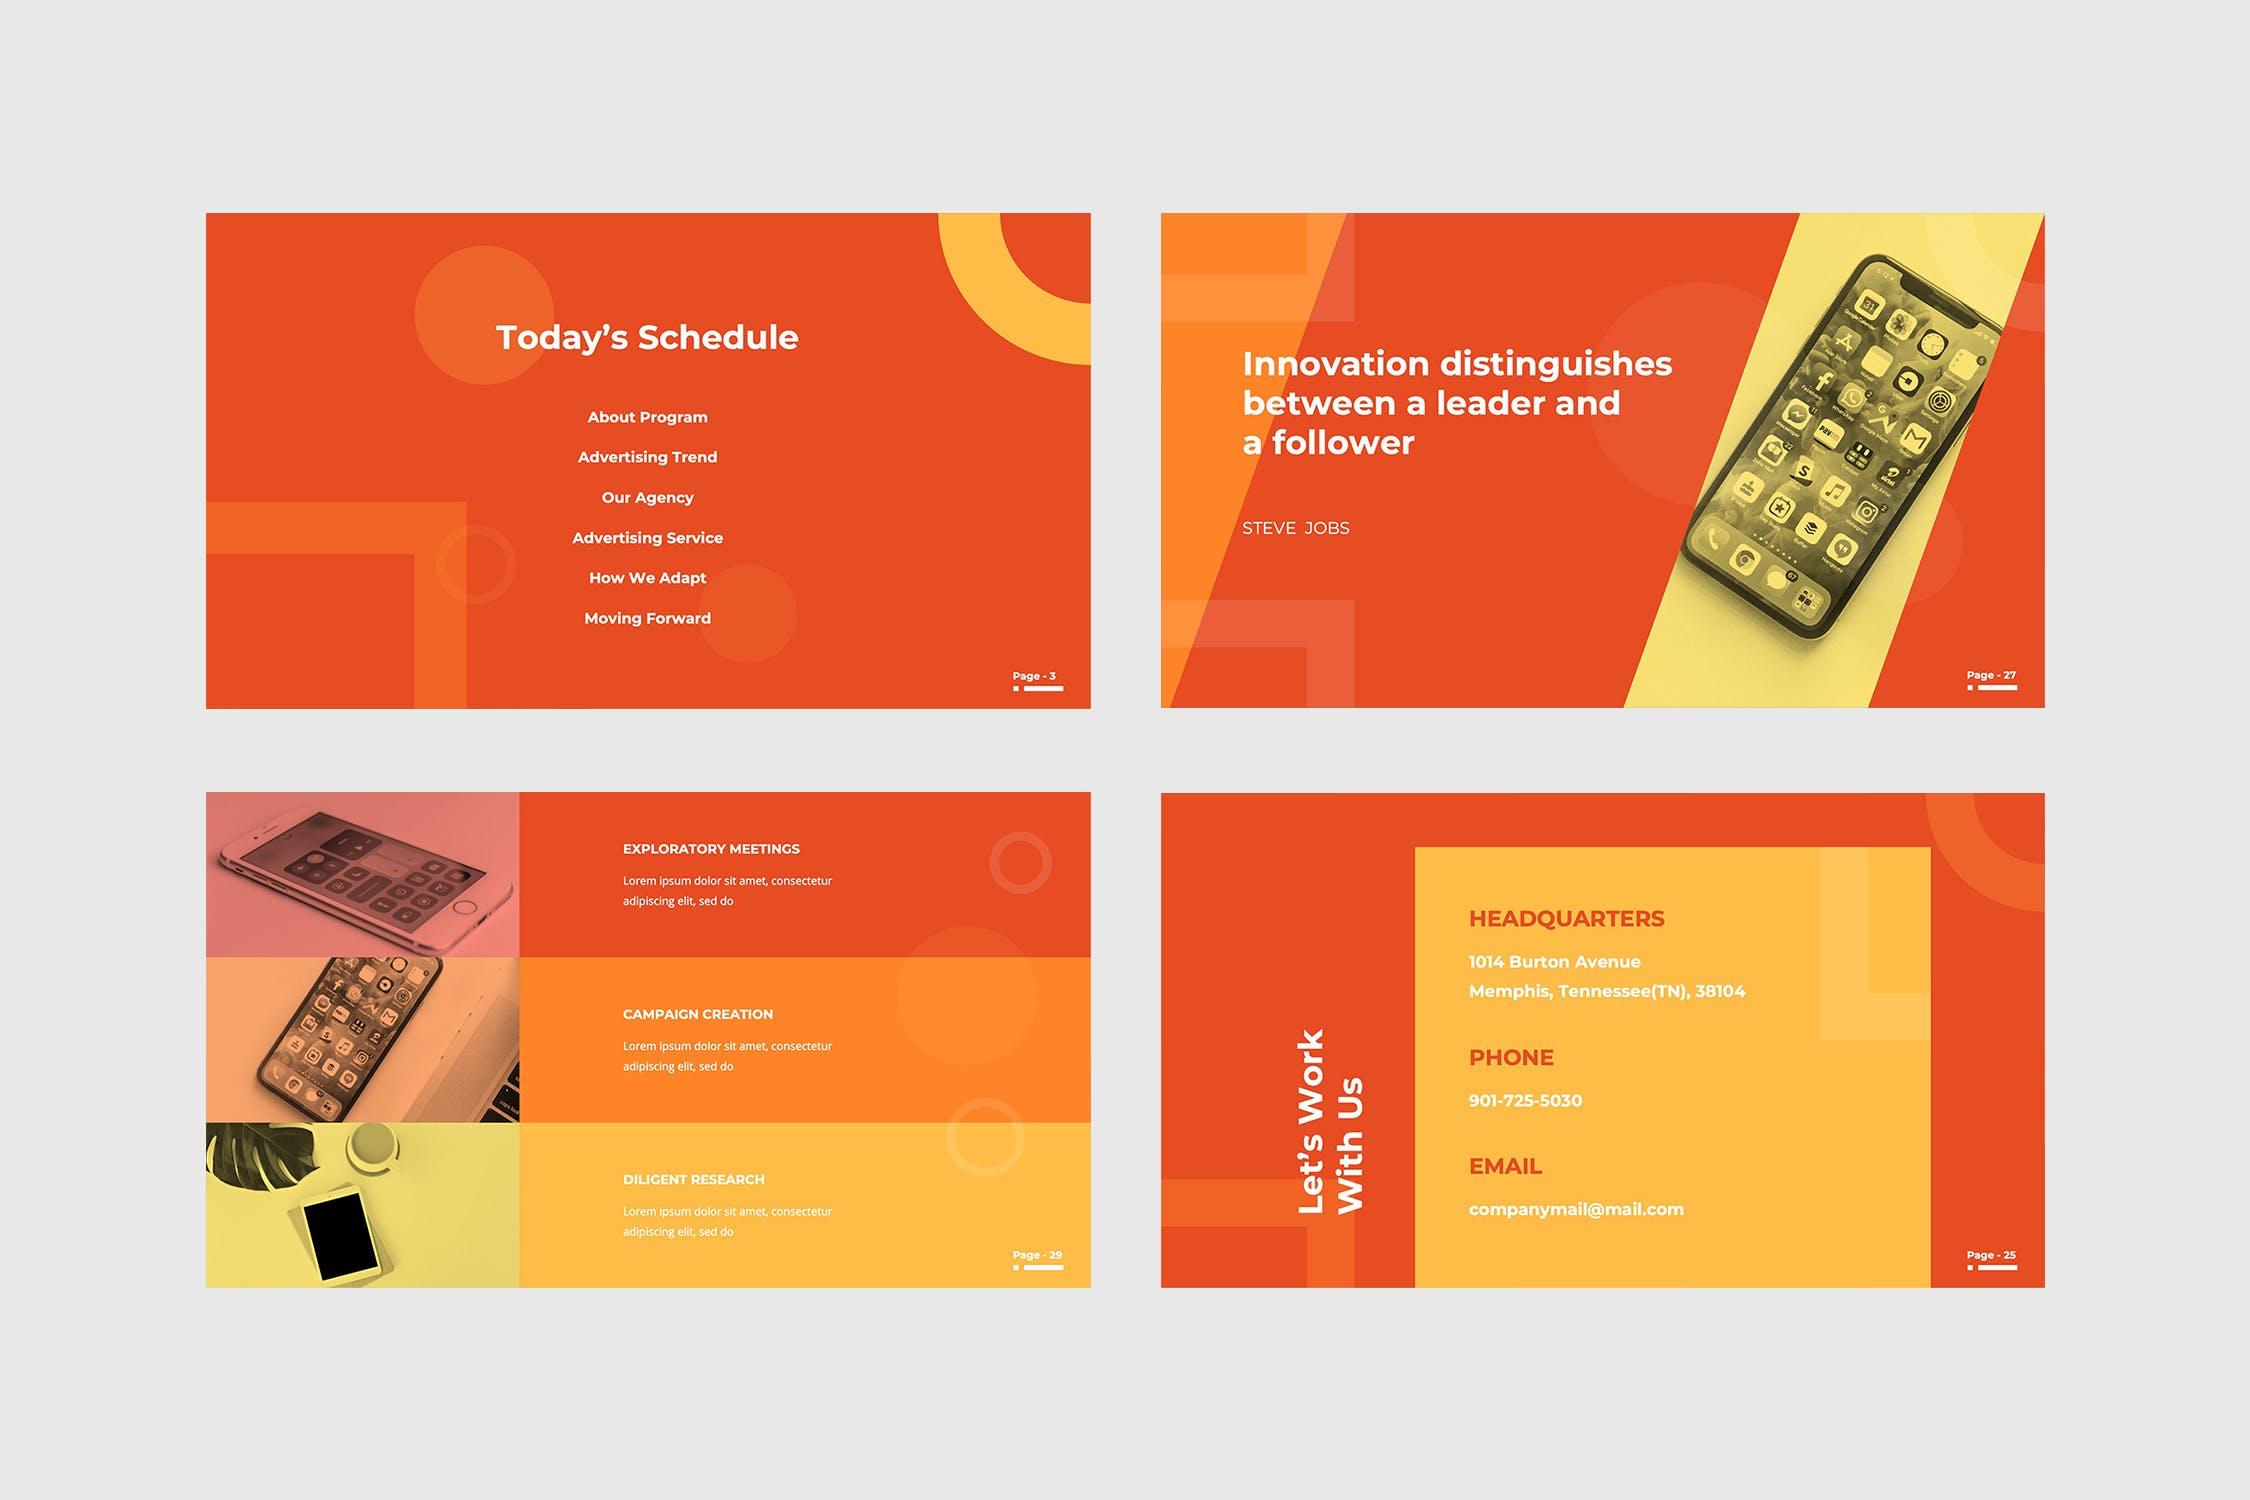 广告业务&市场营销主题业务介绍/工作报告PPT幻灯片模板 Adversite – Powerpoint Presentation设计素材模板